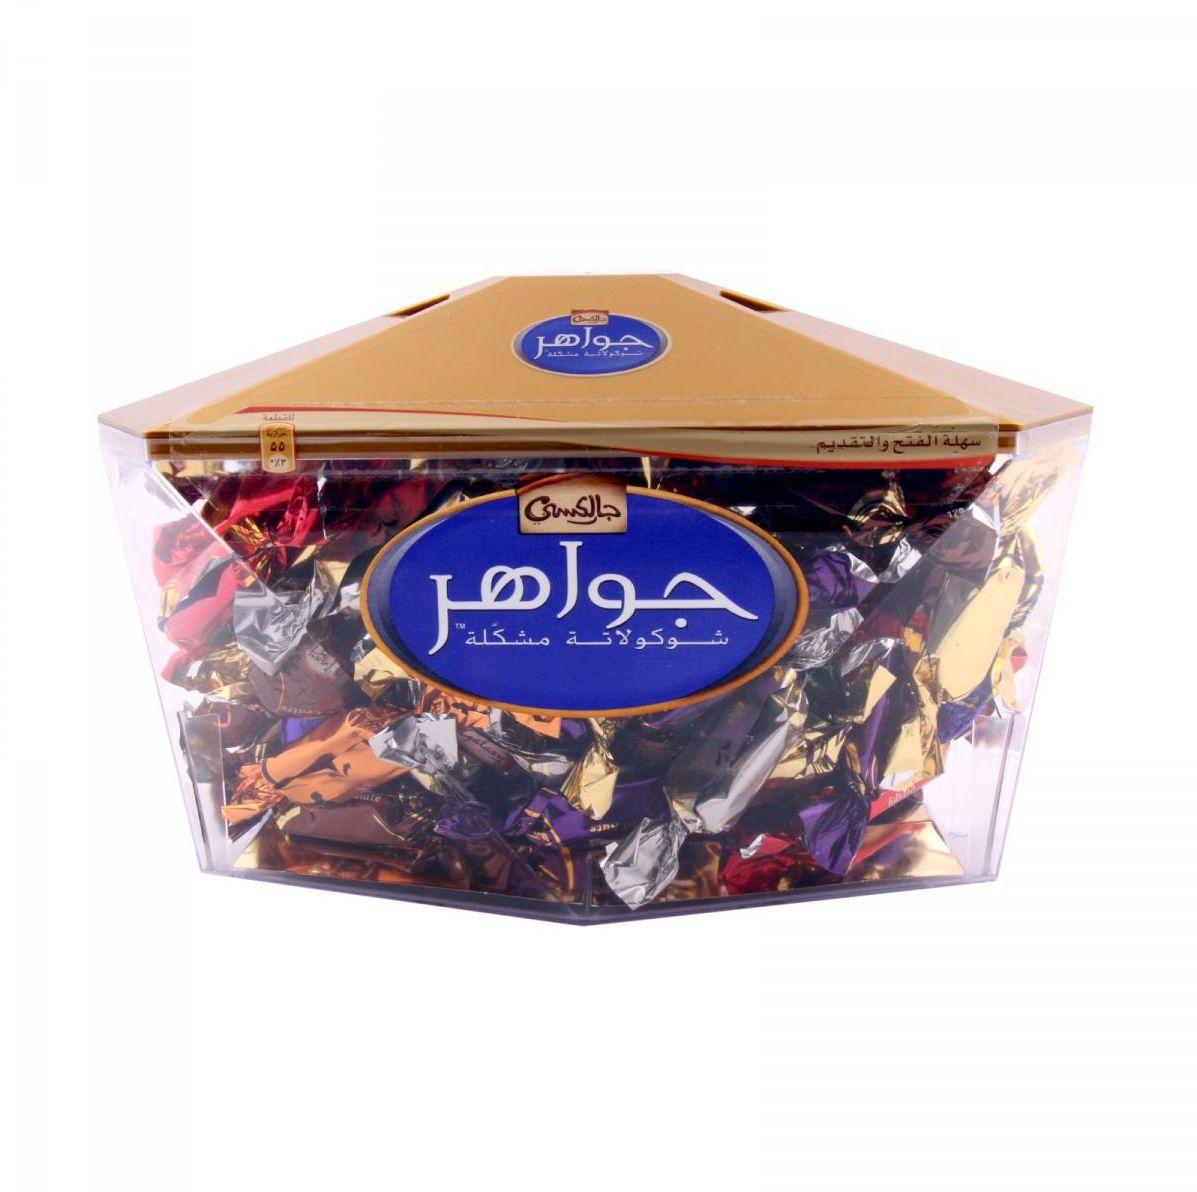 صورة انواع شوكولاته جواهر , اجمل انواع شوكولاته جواهر في ام الدنيا